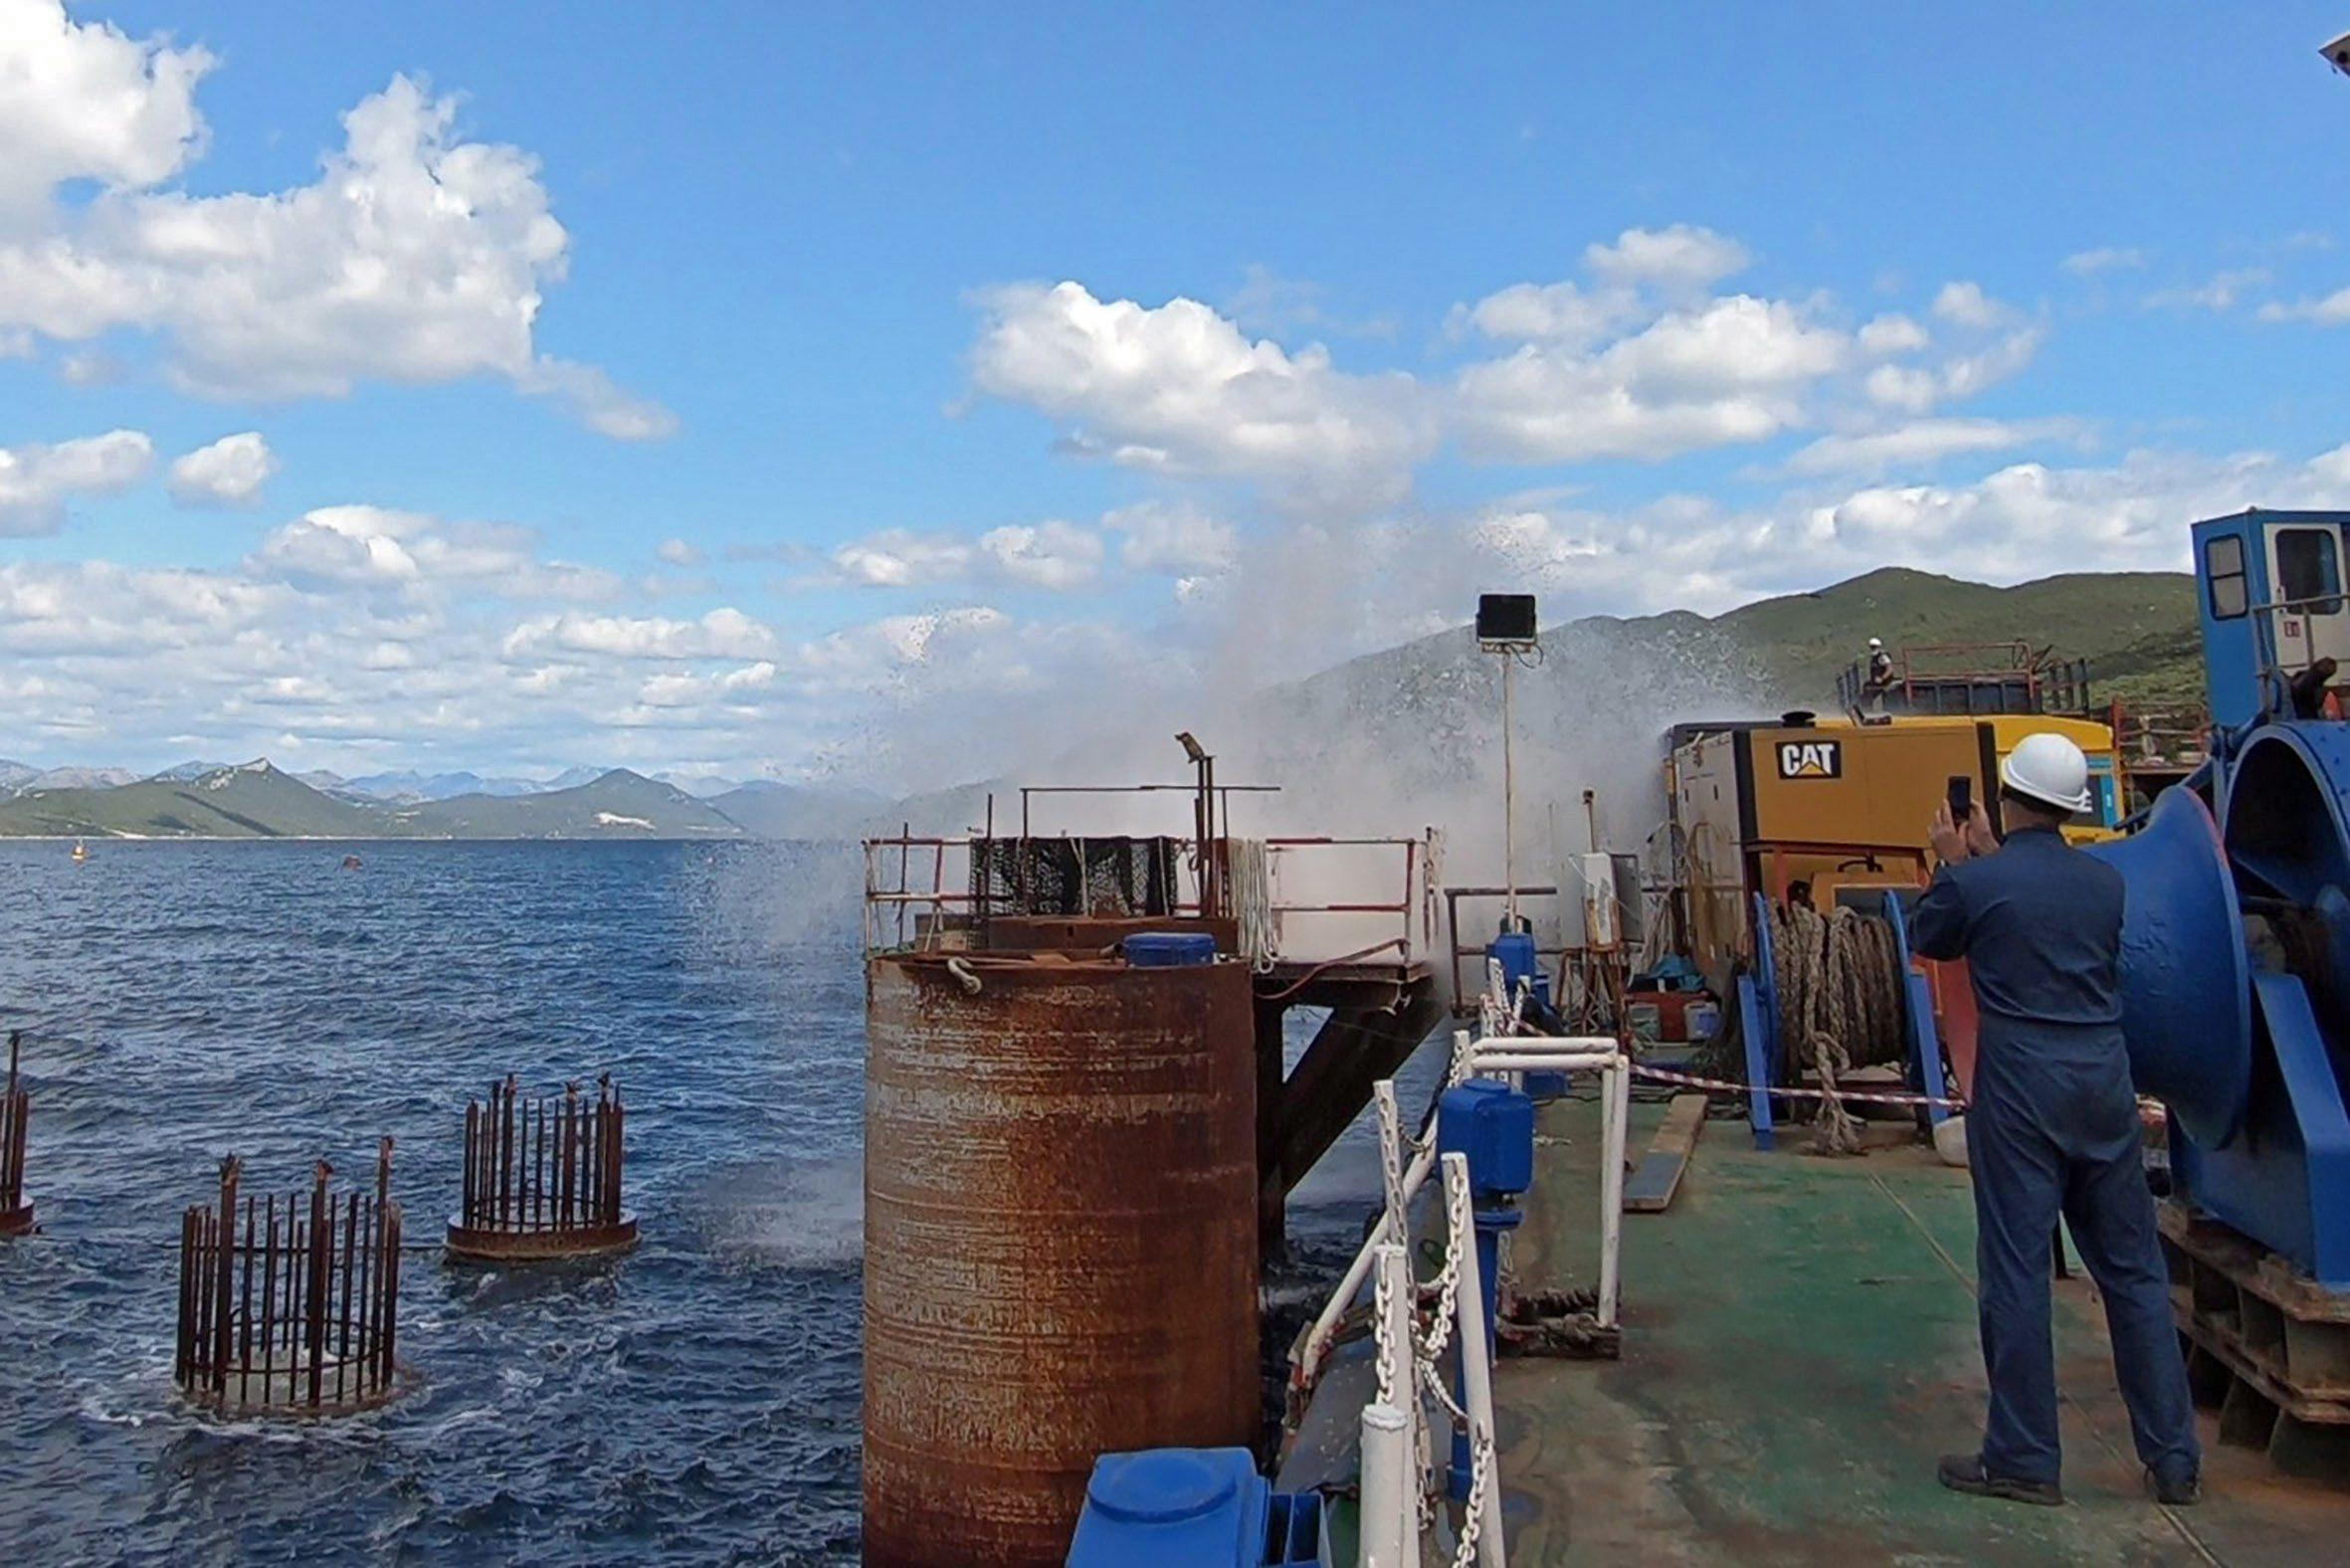 Brijesta, 020620. Ronioci za podvodne radove i strucnjaci za miniranje iz Rudarsko-geolosko-naftniog fakulteta te nekoliko tvrtki izvode miniranja u pilotima Peljeskog mosta.  Foto: Denis Jekovic / CROPIX